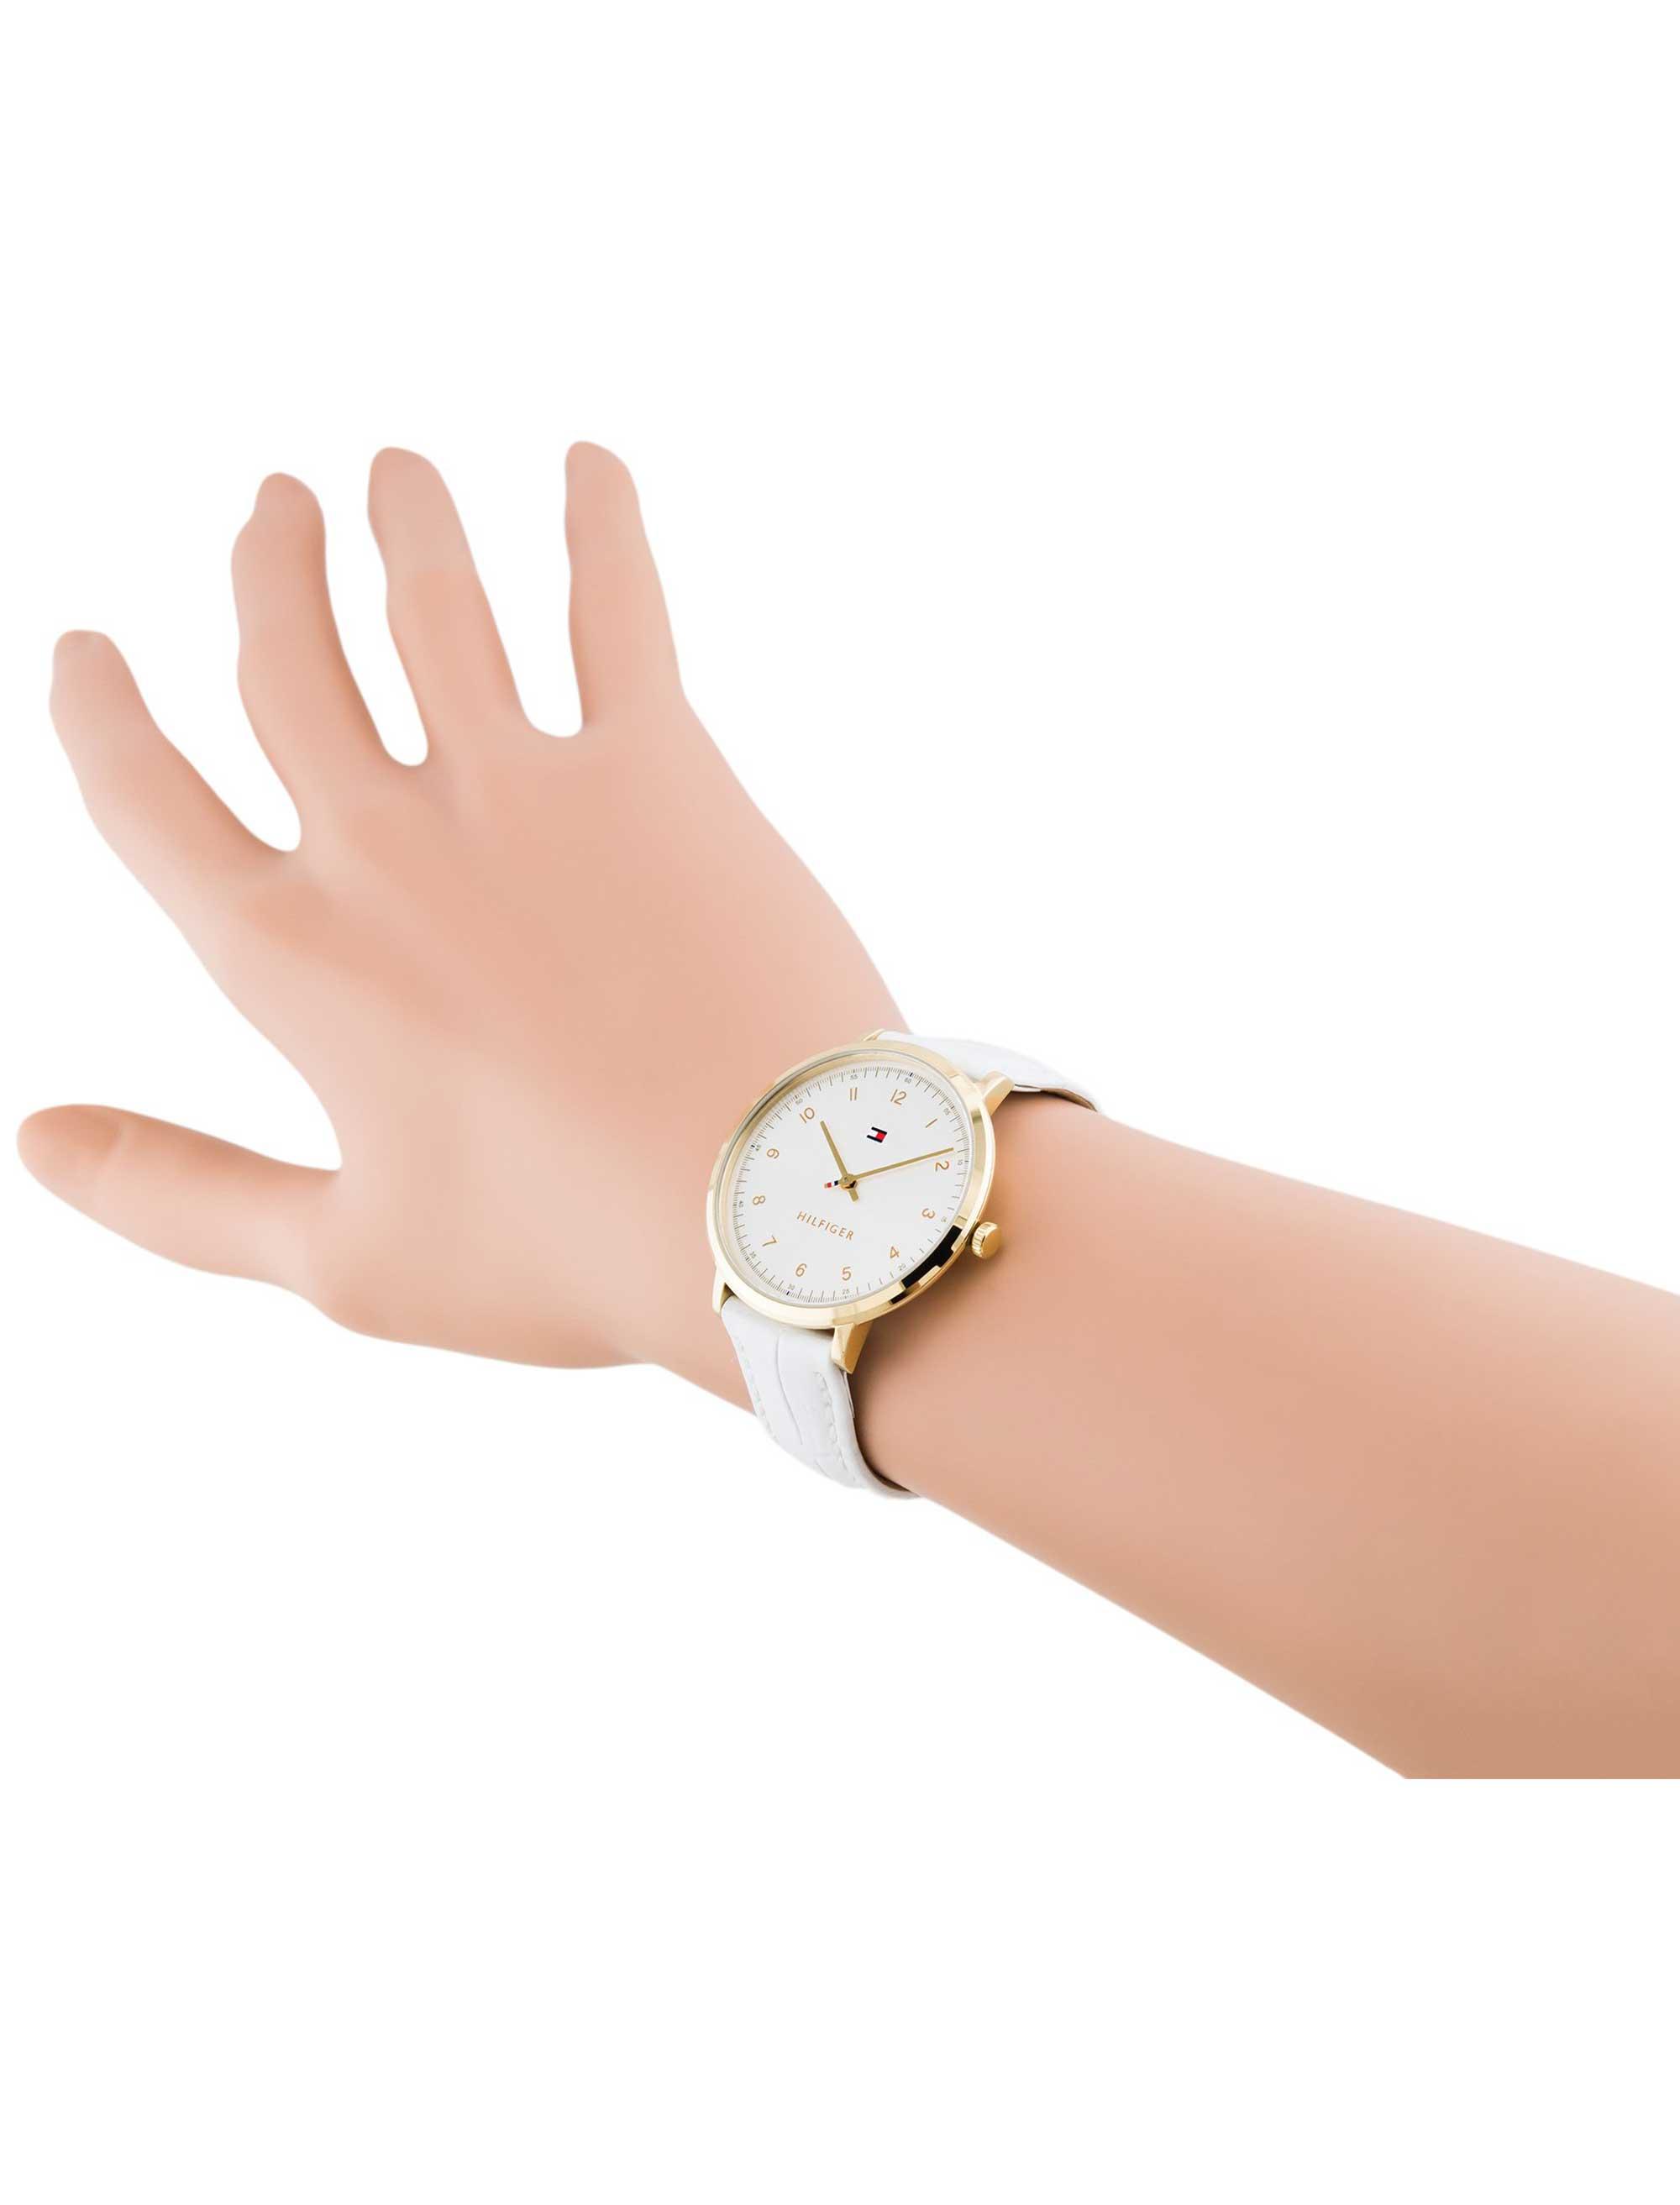 ساعت مچی عقربه ای زنانه تامی هیلفیگر مدل 1781763              ارزان